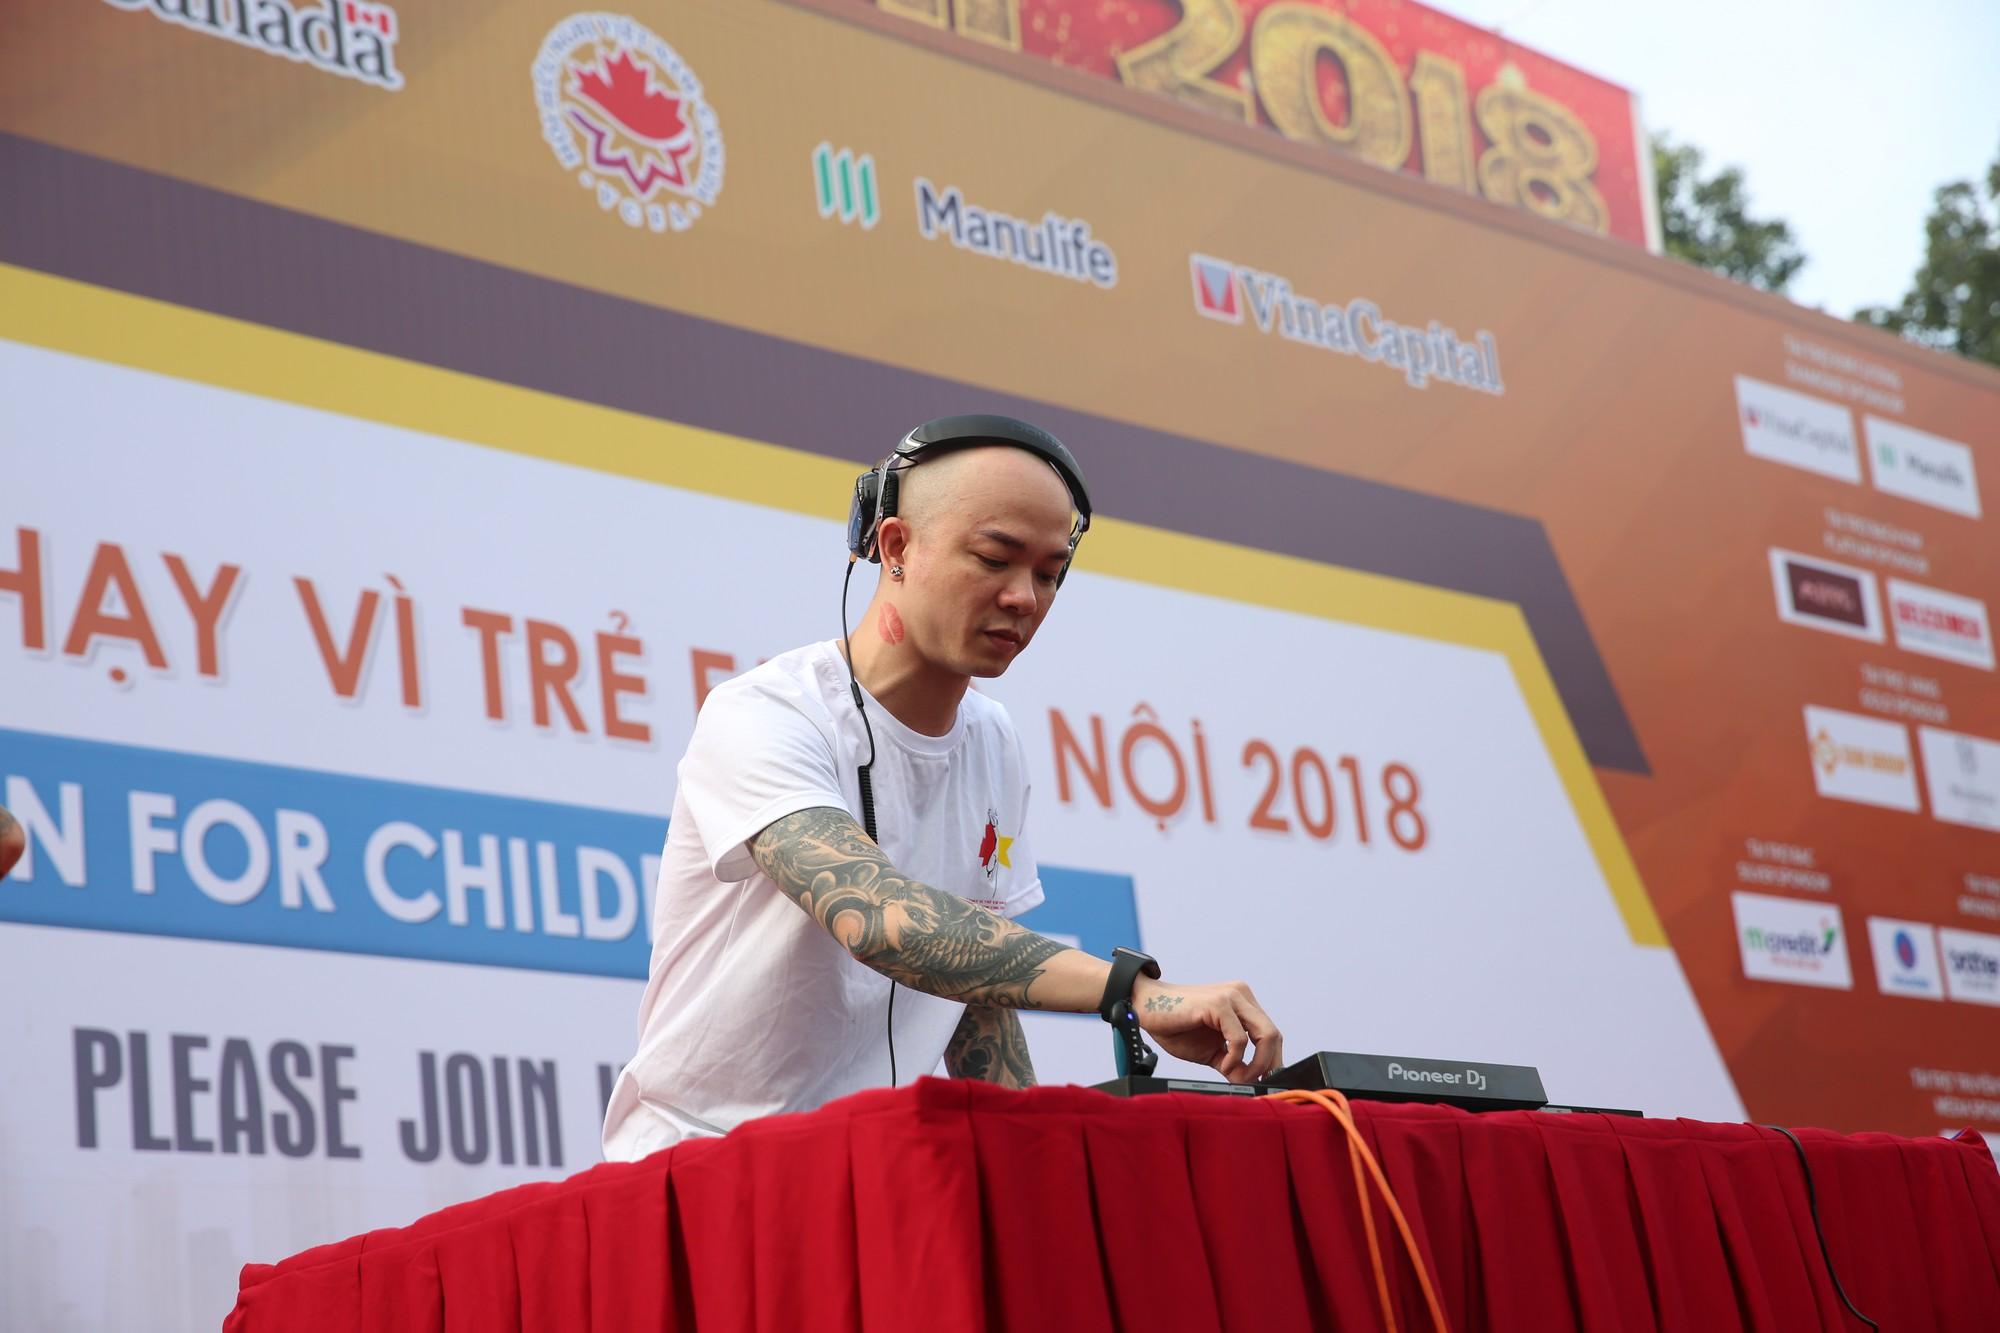 Chạy vì trẻ em Hà Nội 2018 thu hút hàng nghìn người tham dự, quyên góp hơn 1 tỷ đồng - Ảnh 6.